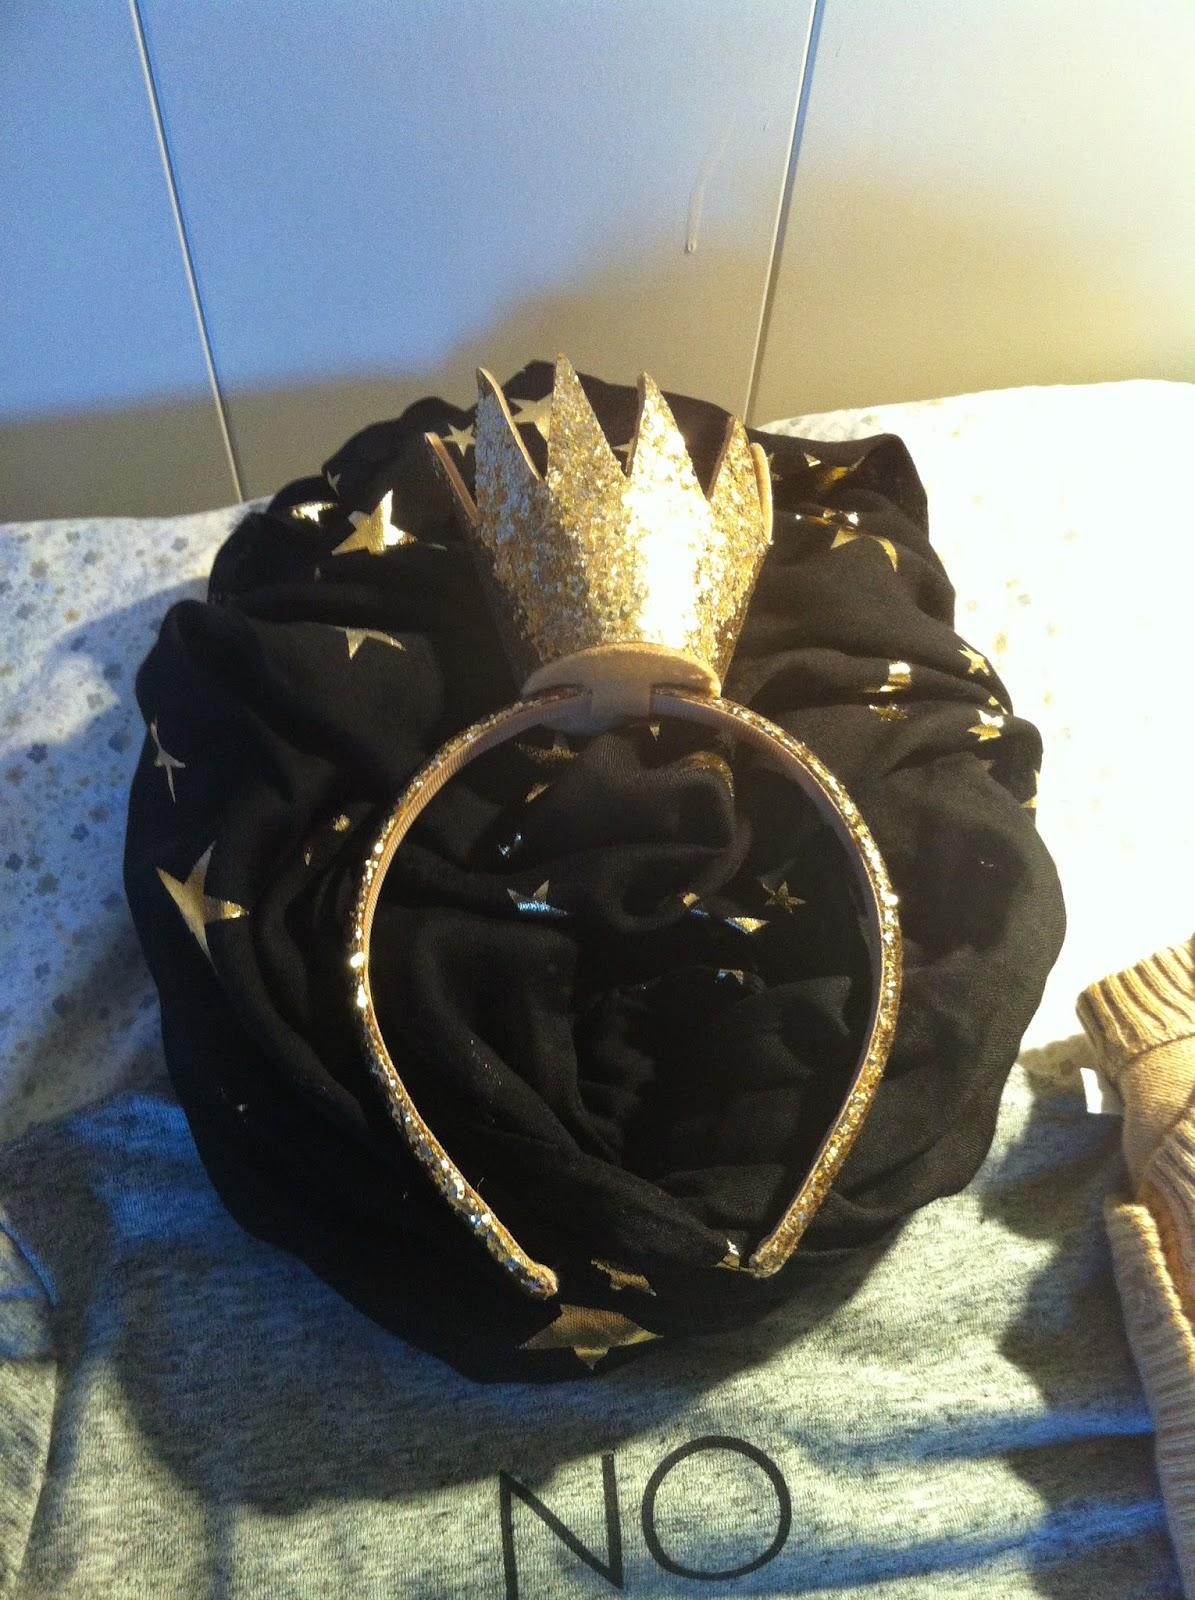 Corona dorada H&M, bufanda negra con estrellas H&M